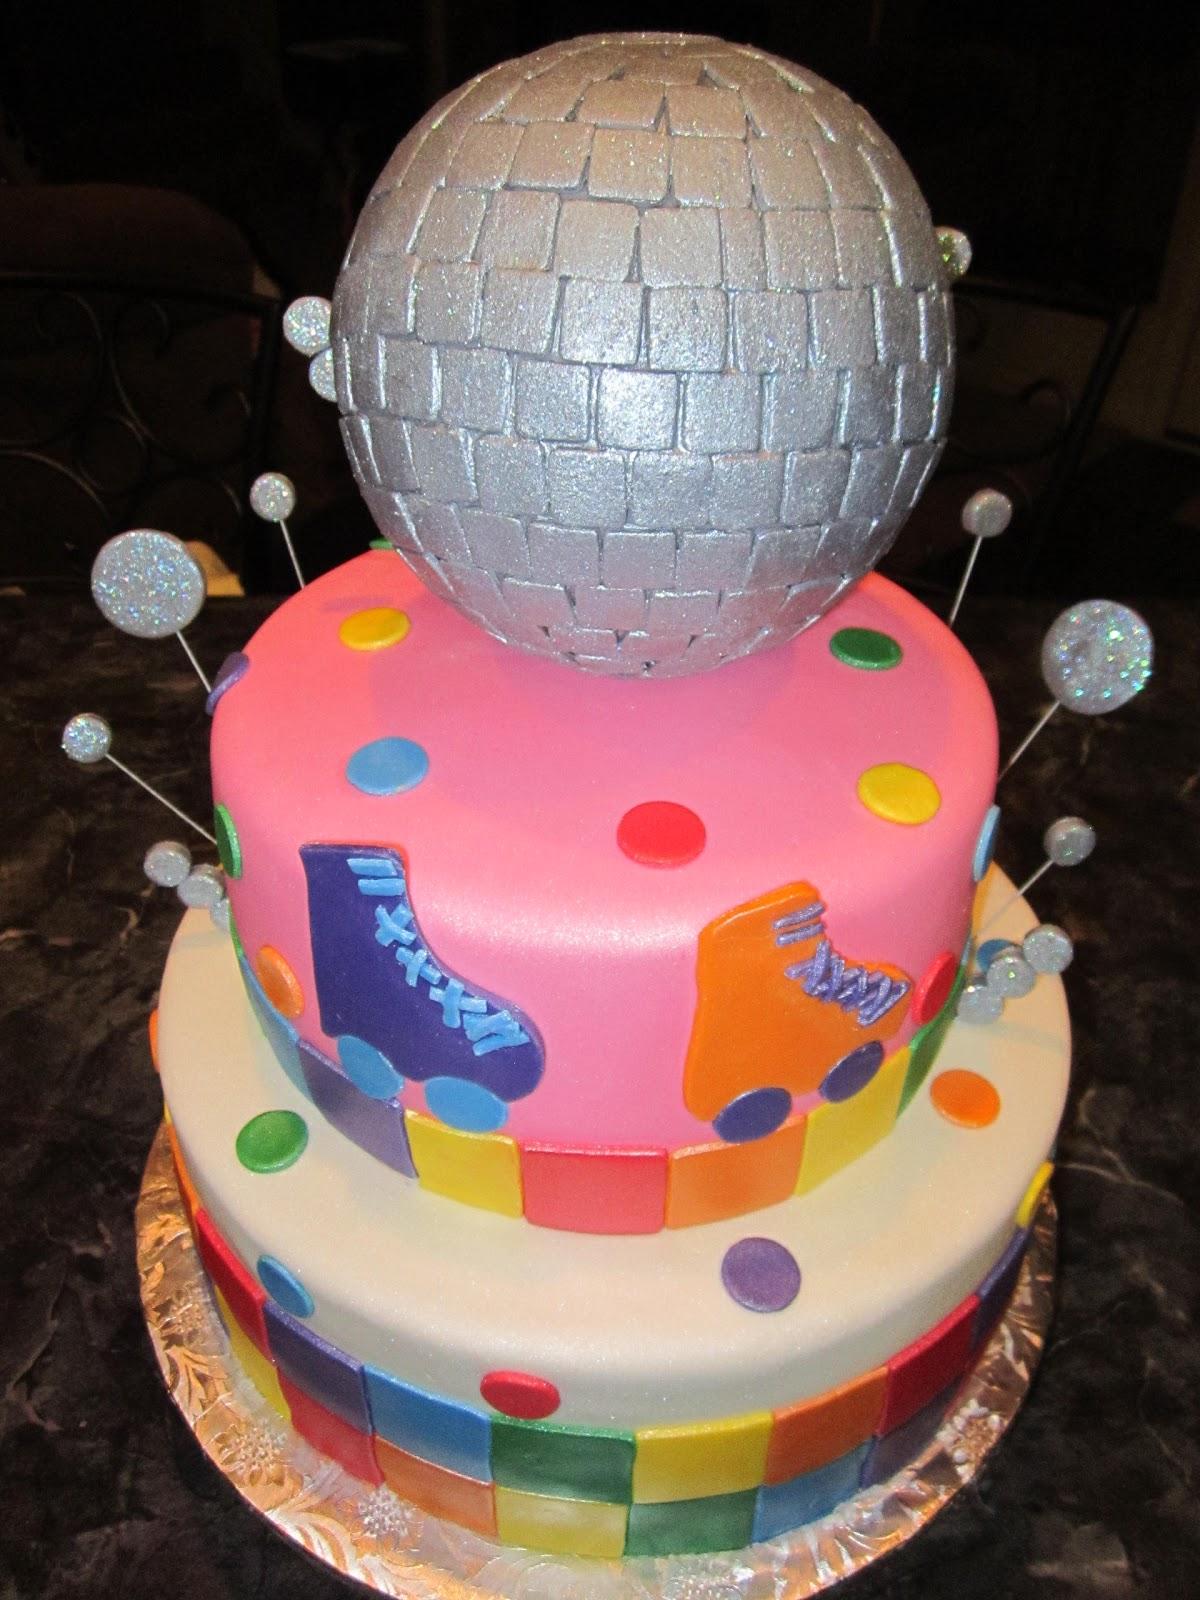 Mymonicakes Roller Skate Disco Ball Cake